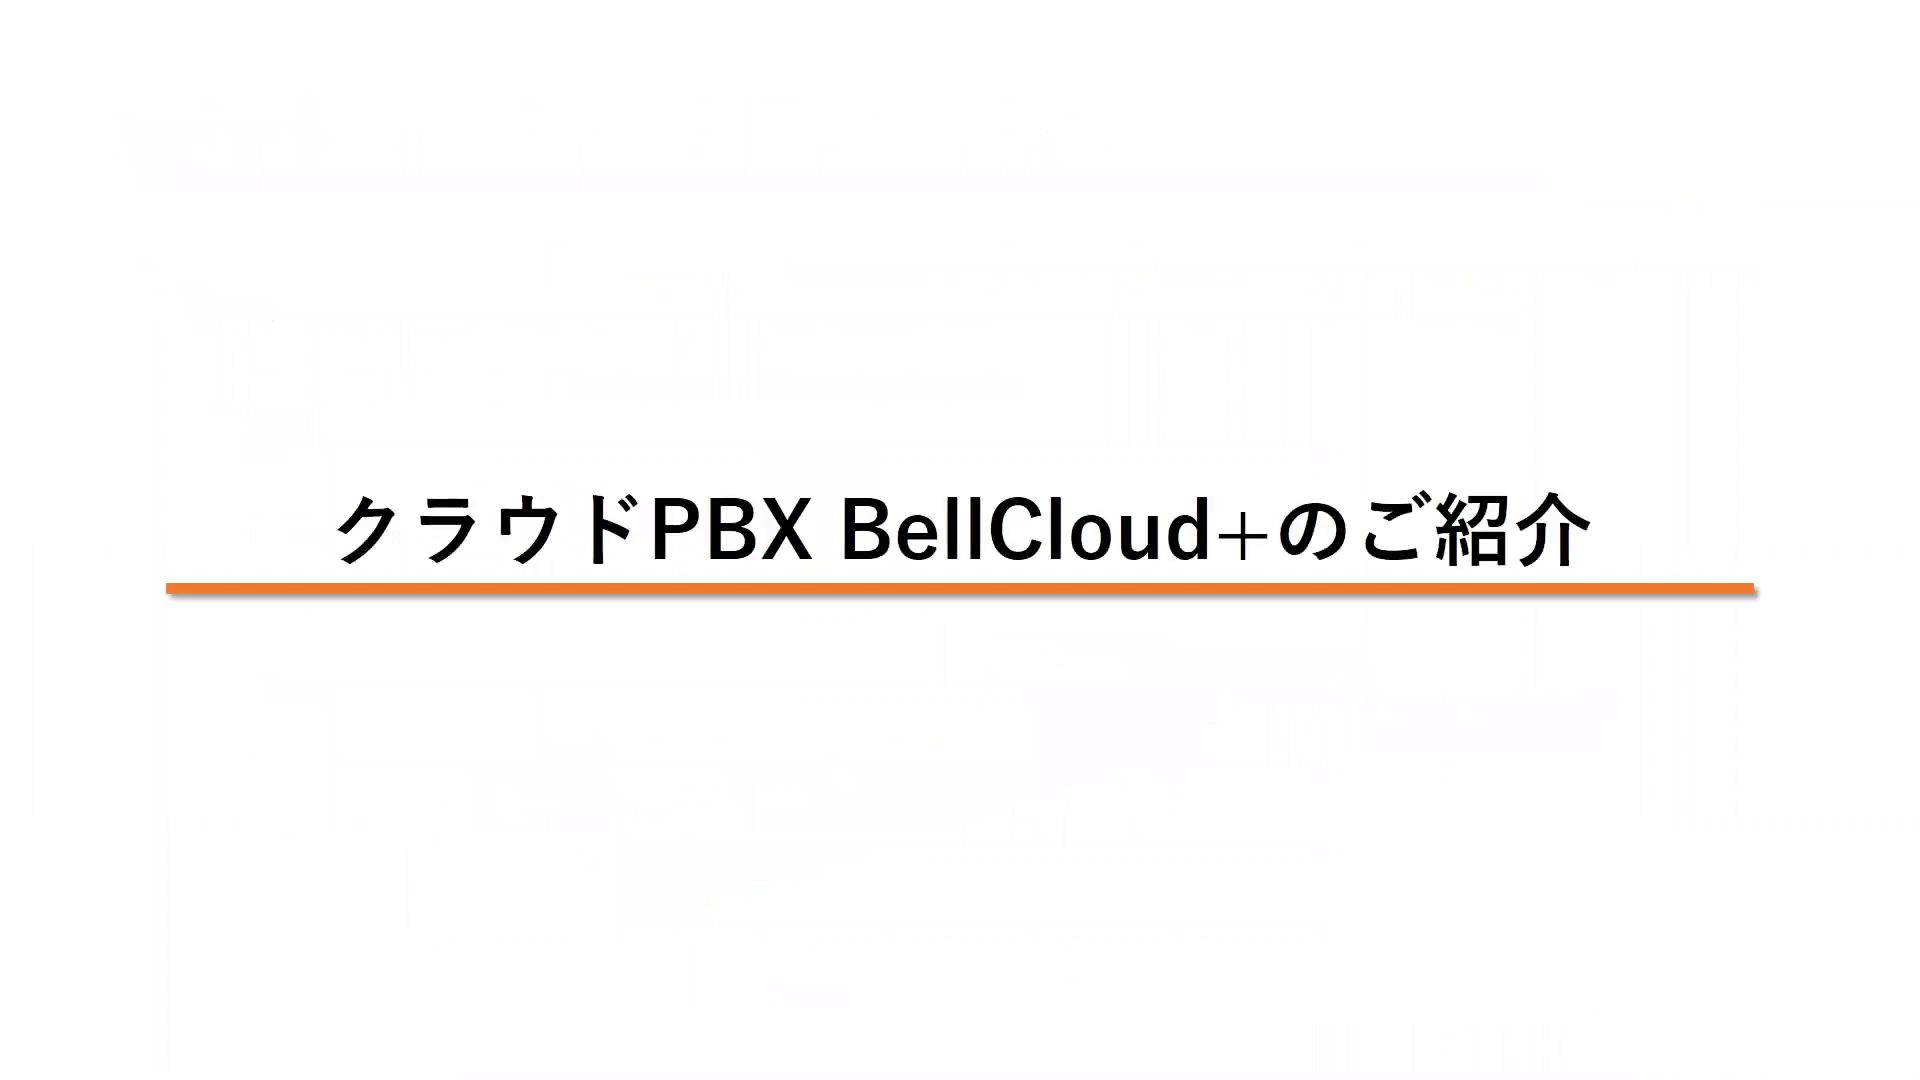 【後編】いまさら聞けない!PBXの基礎知識からトレンドまでを徹底解説